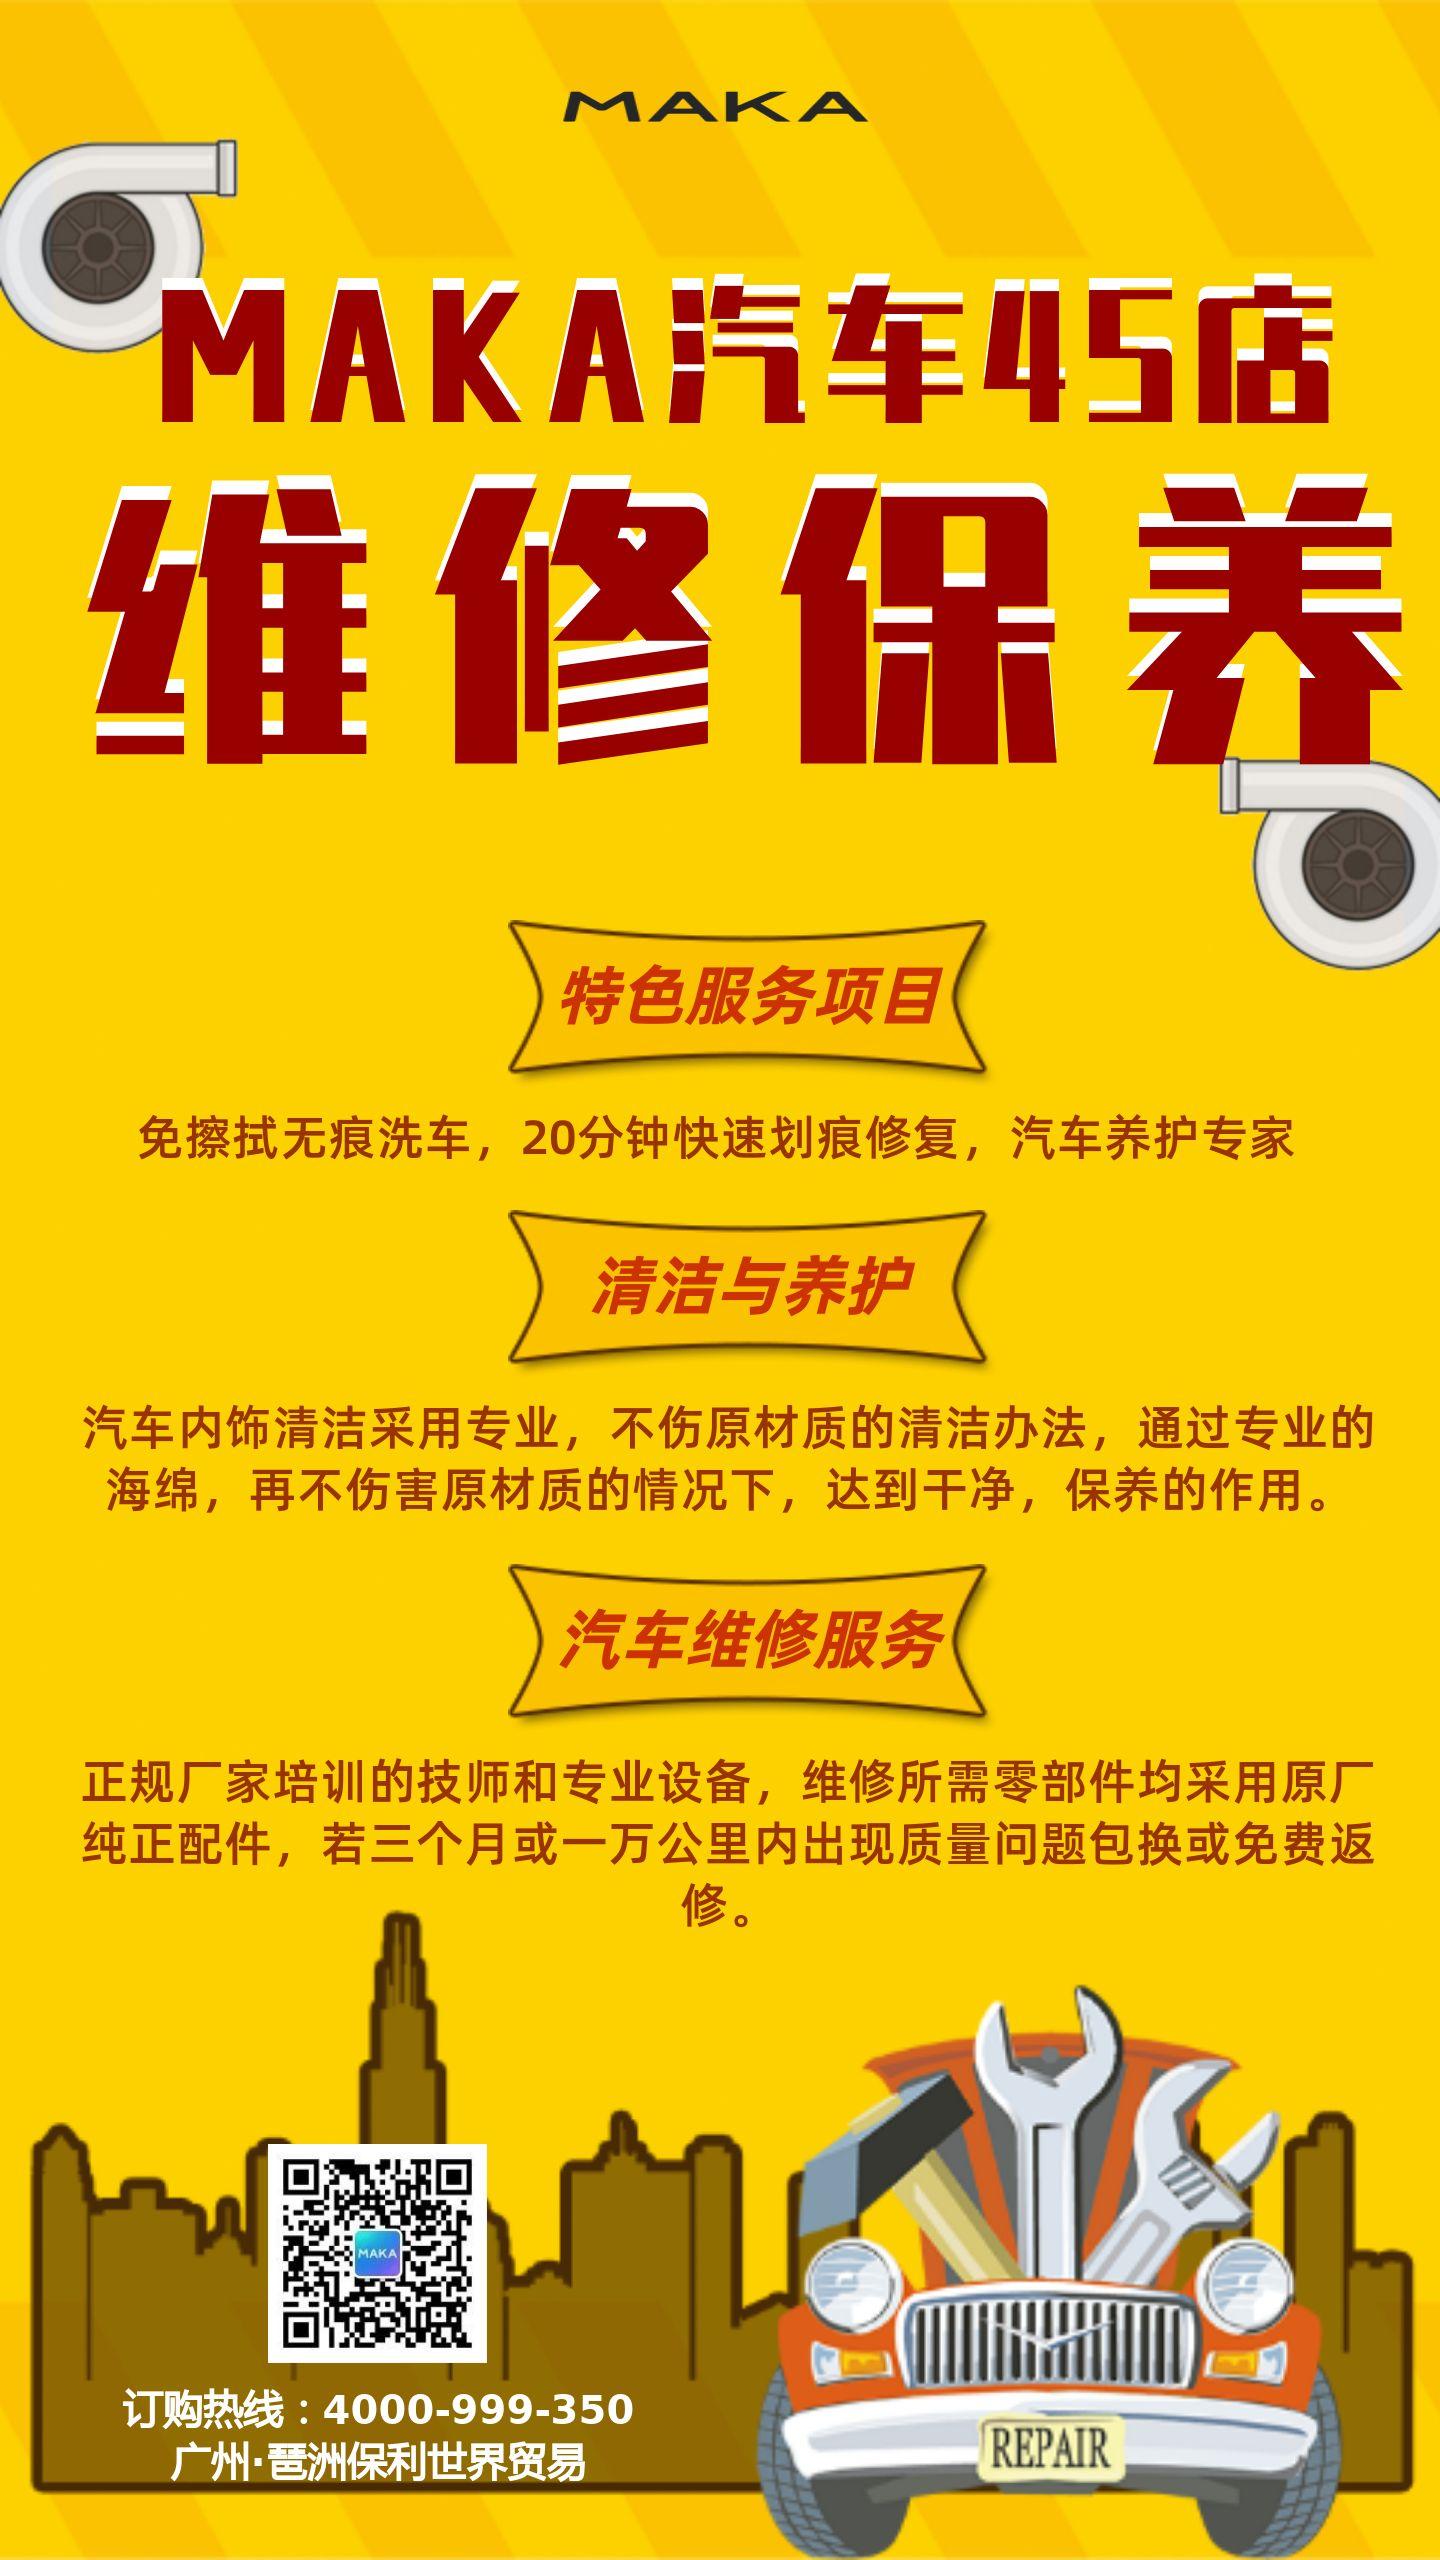 汽车4S店维修保养业务介绍活动海报模板